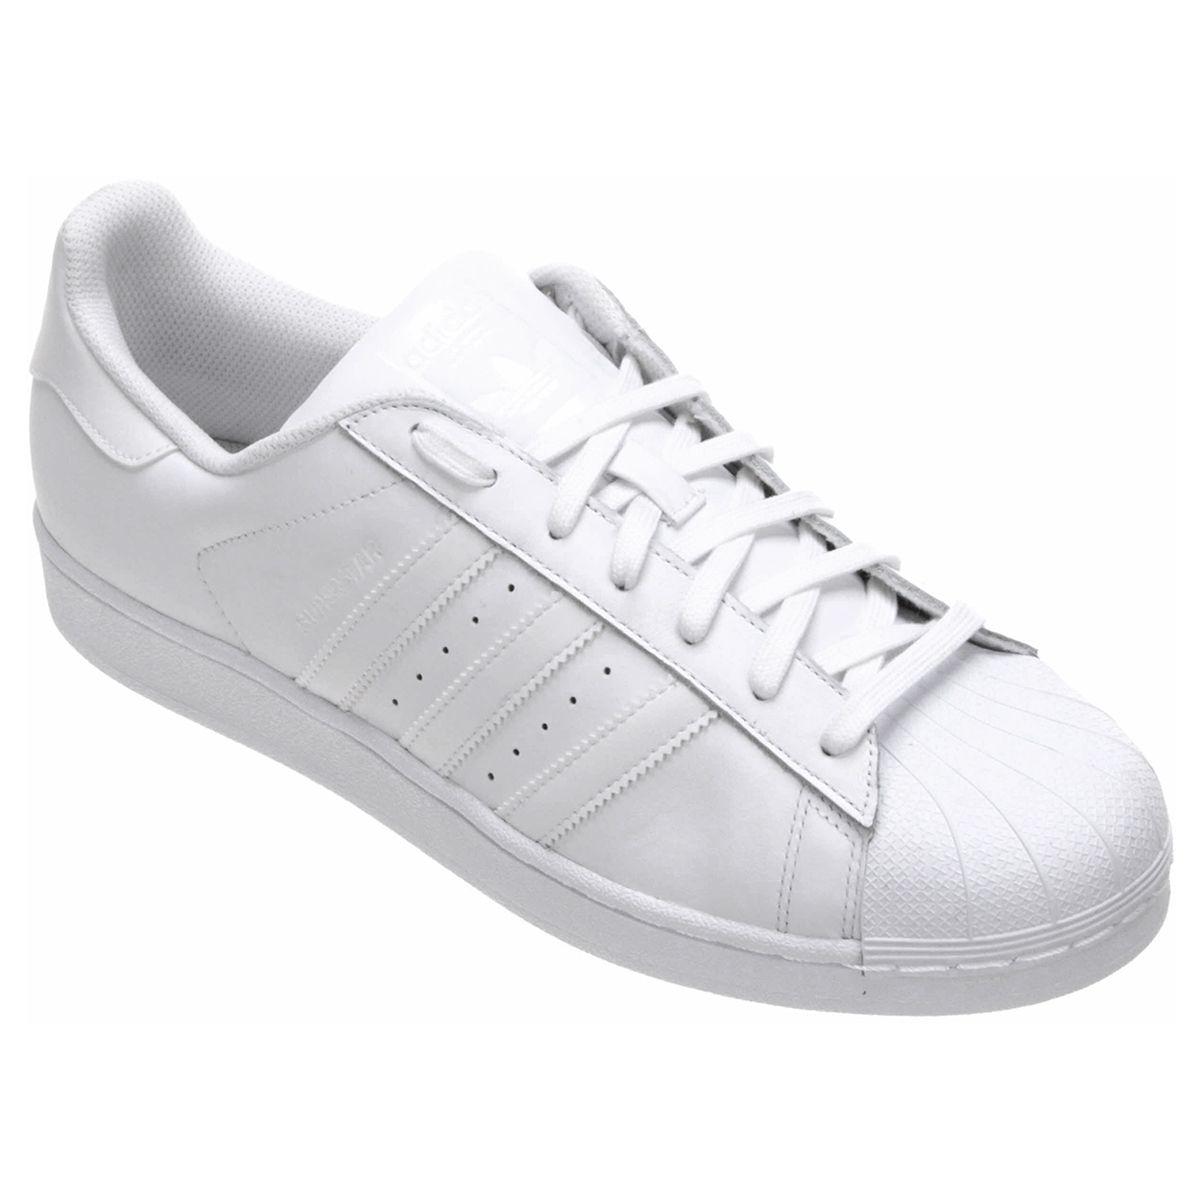 aefb5ee5a O estilo casual ganha mais autenticidade com o Tênis Adidas Superstar  Foundation Branco. O modelo